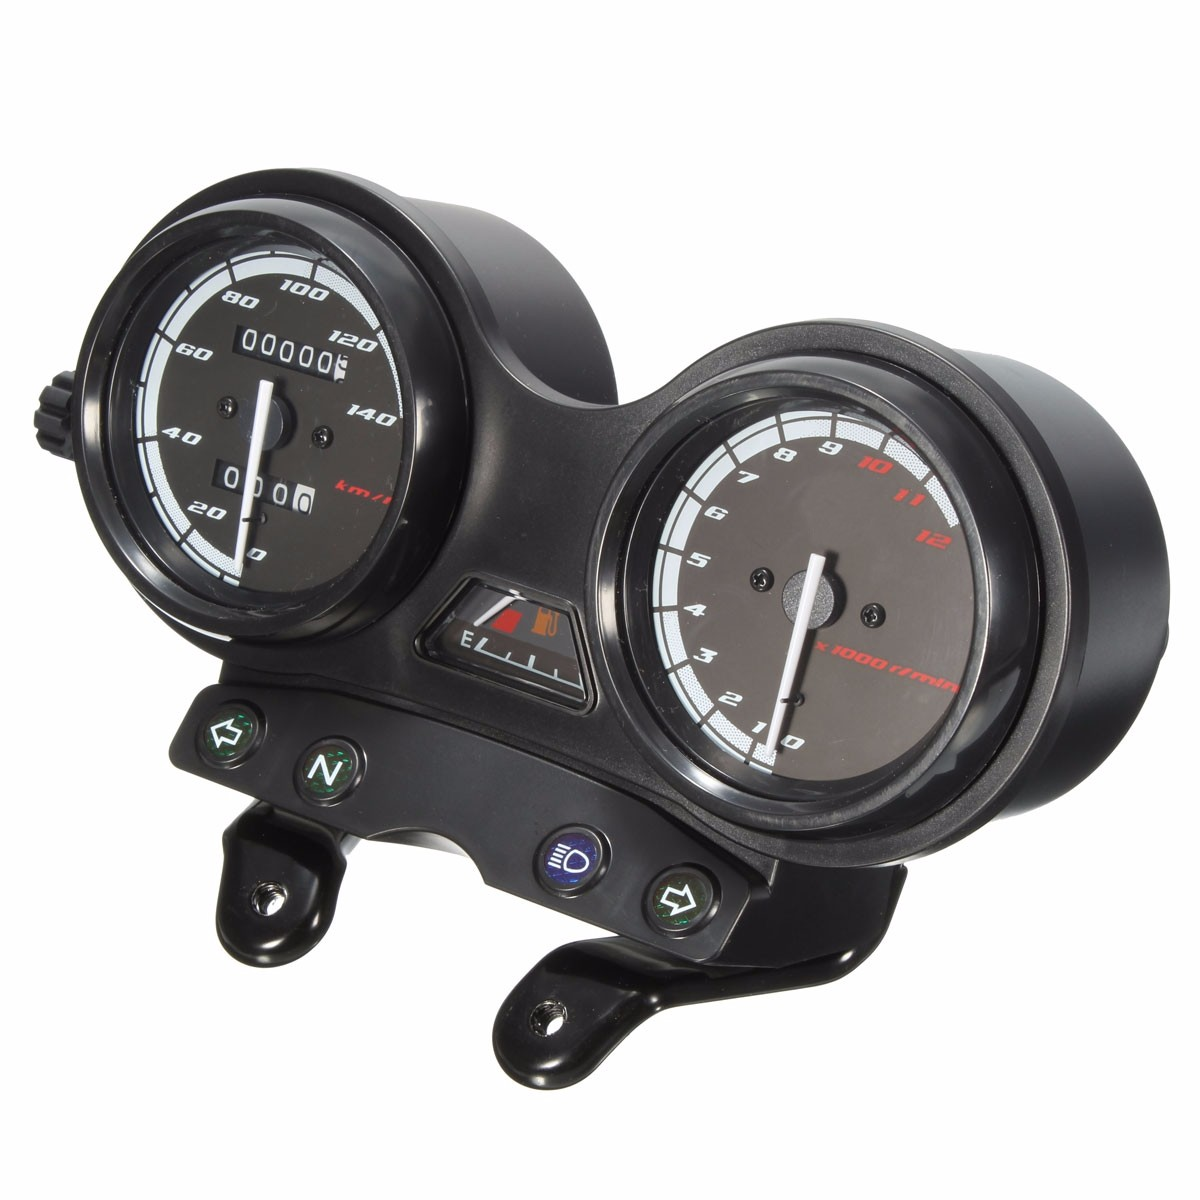 DC 12 V Motorrad Motorrad Komplette Uhren Geschwindigkeitsmesser Für YAMAHA YBR 125